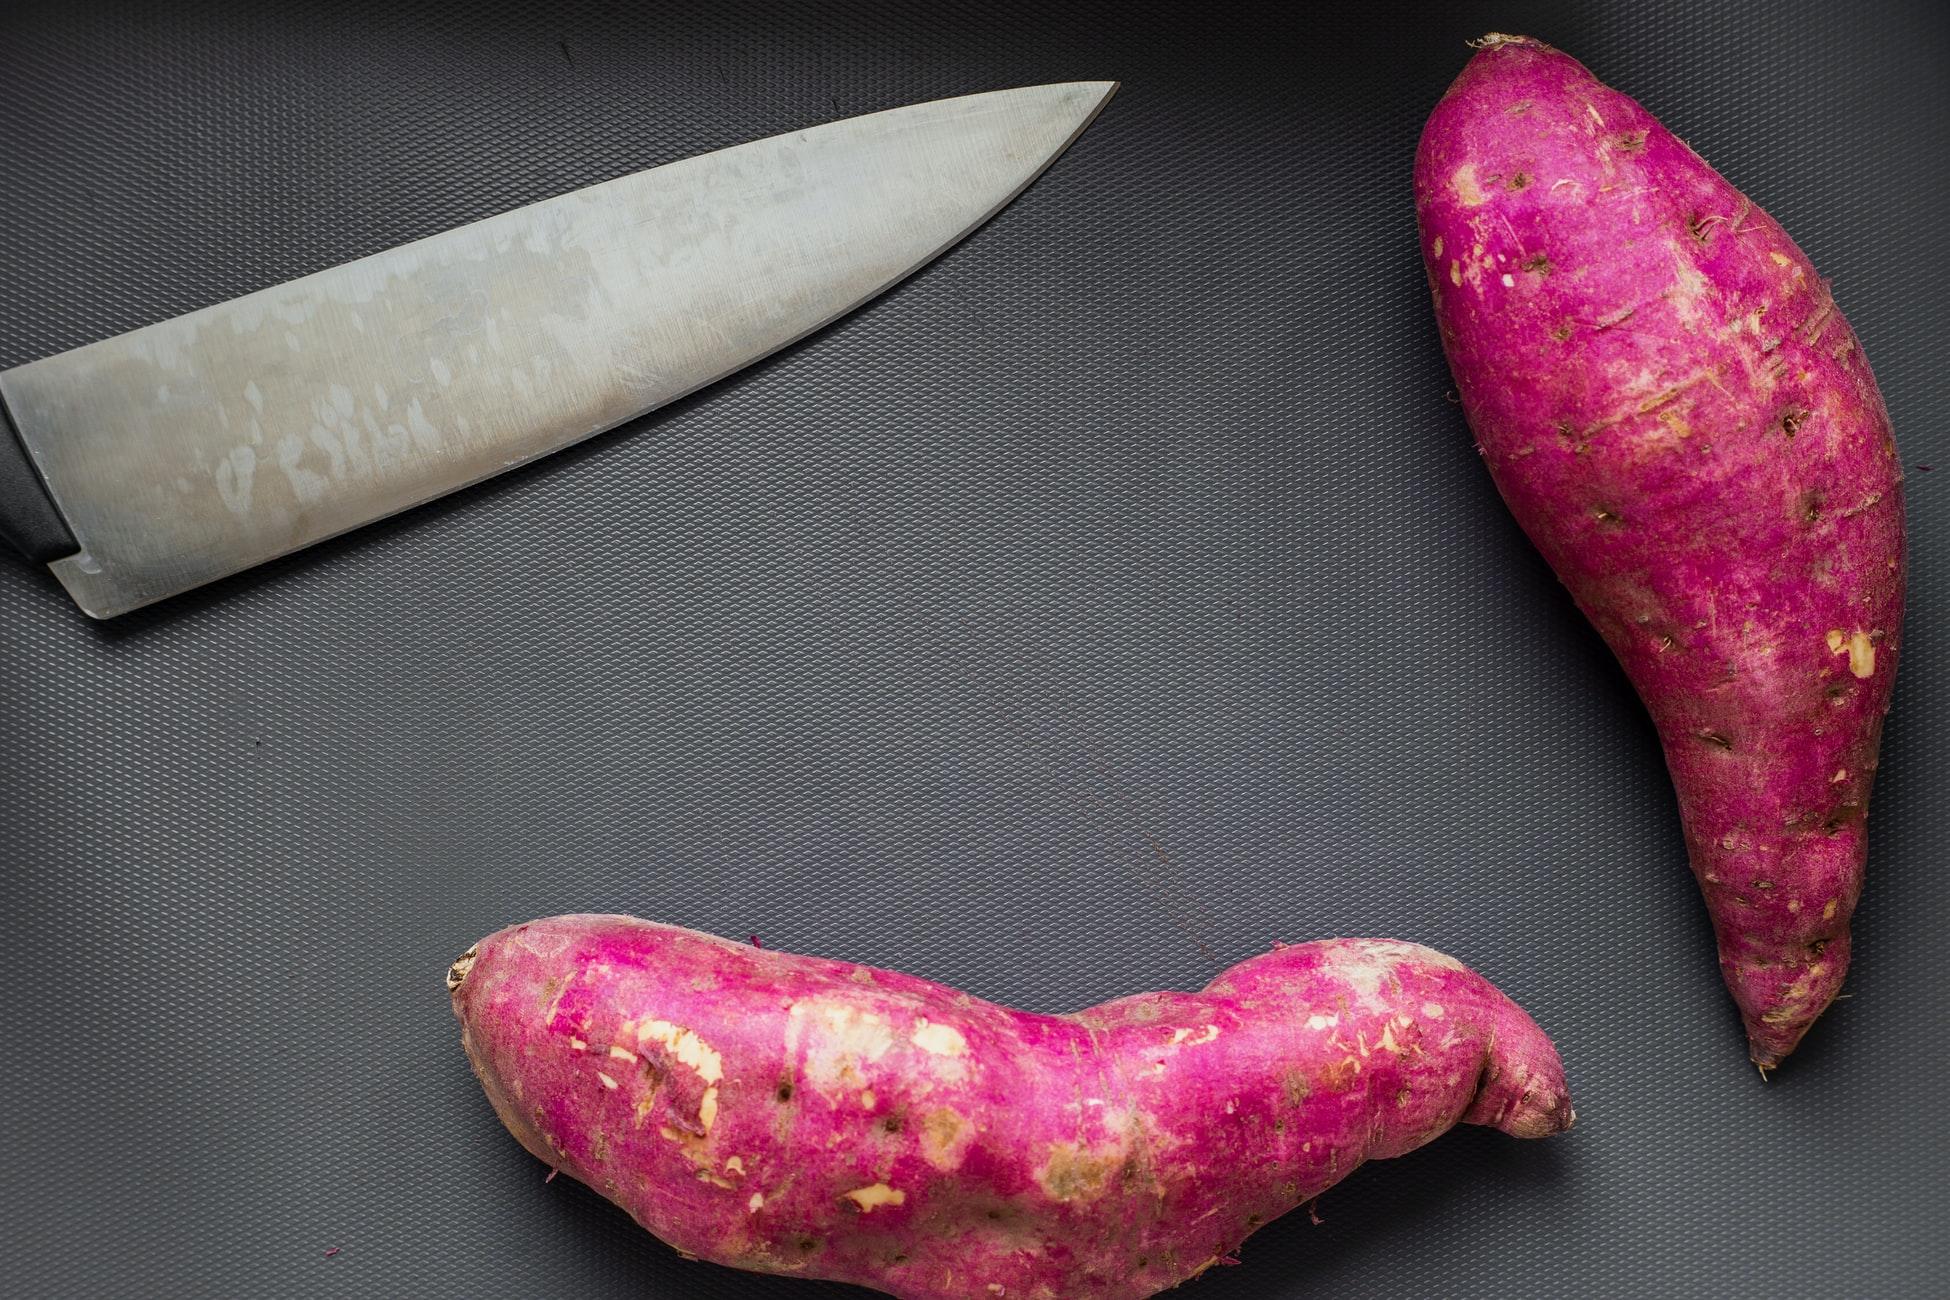 Folhas de batata doce: por essa você não esperava!